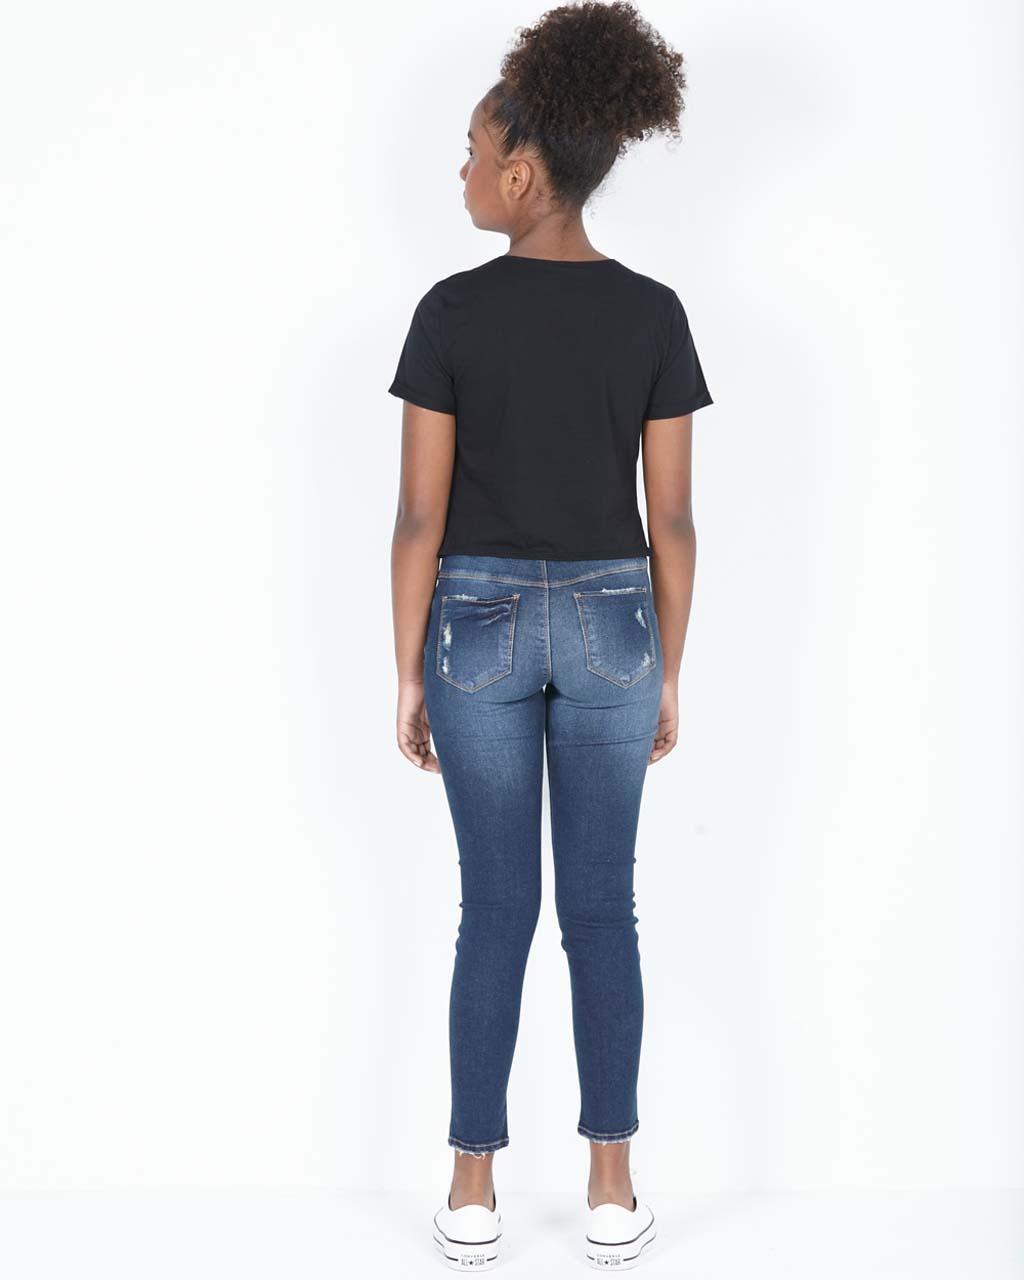 Calça Teen Jeans Super Skinny Destroyed com Botões Dimy Candy